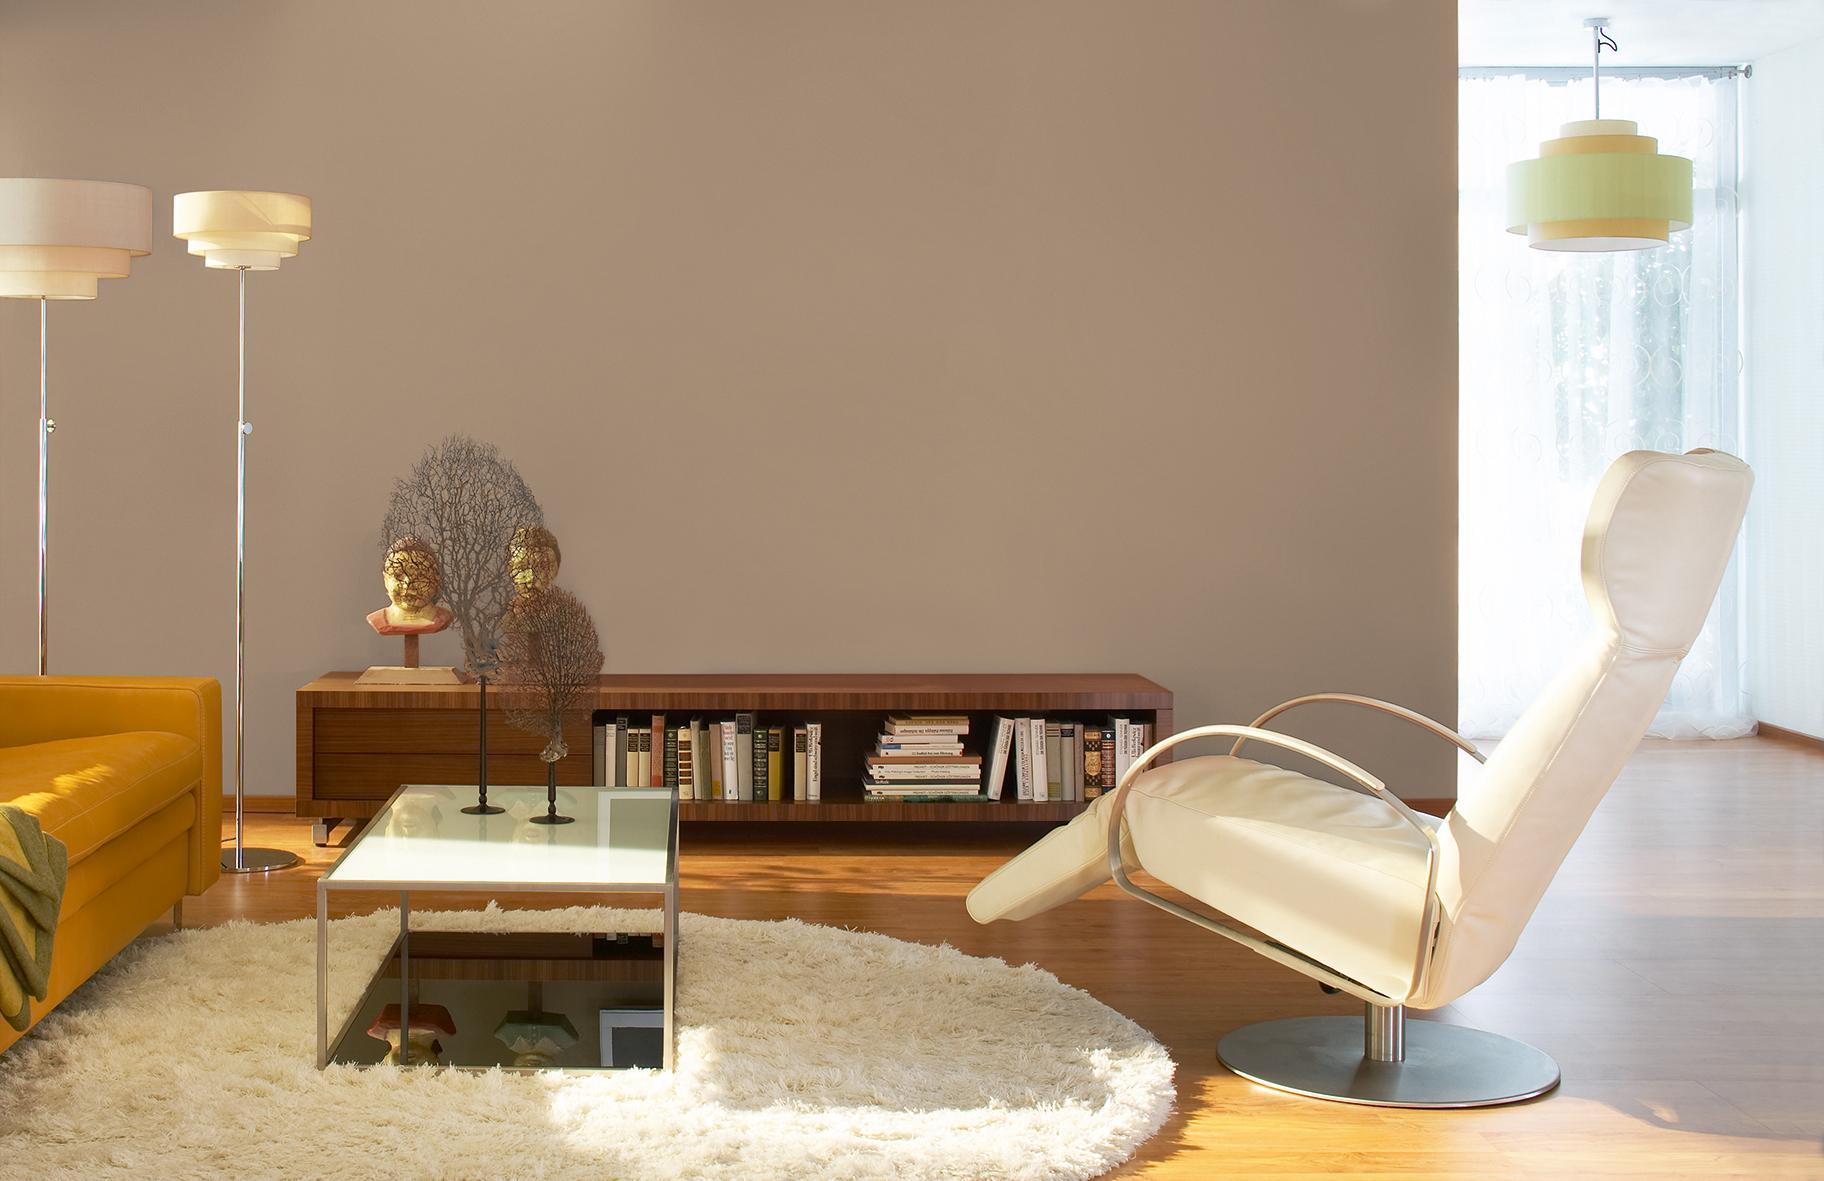 sessel • bilder & ideen • couchstyle, Hause deko